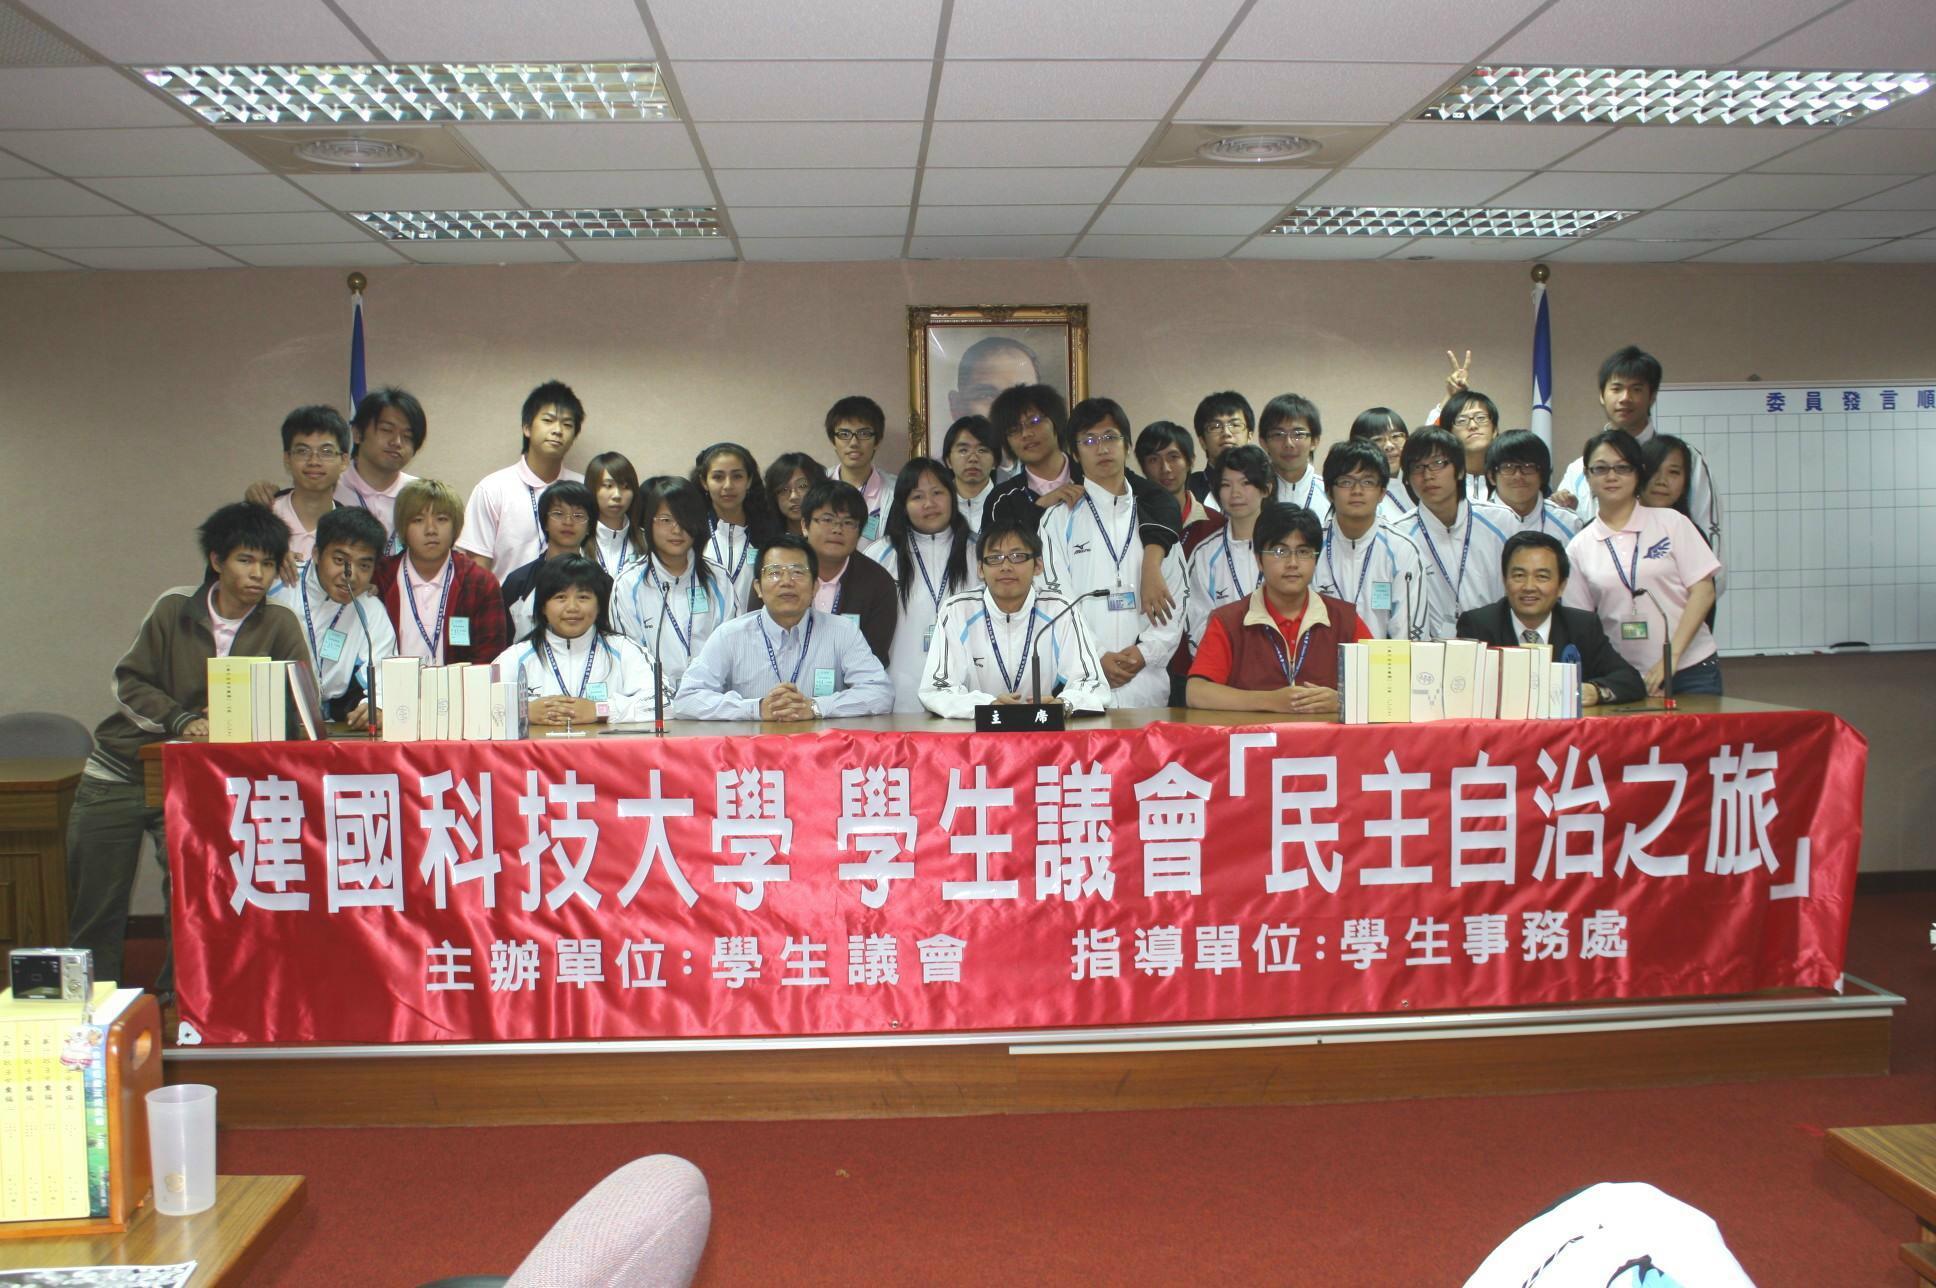 建國科大學生  參訪立法院